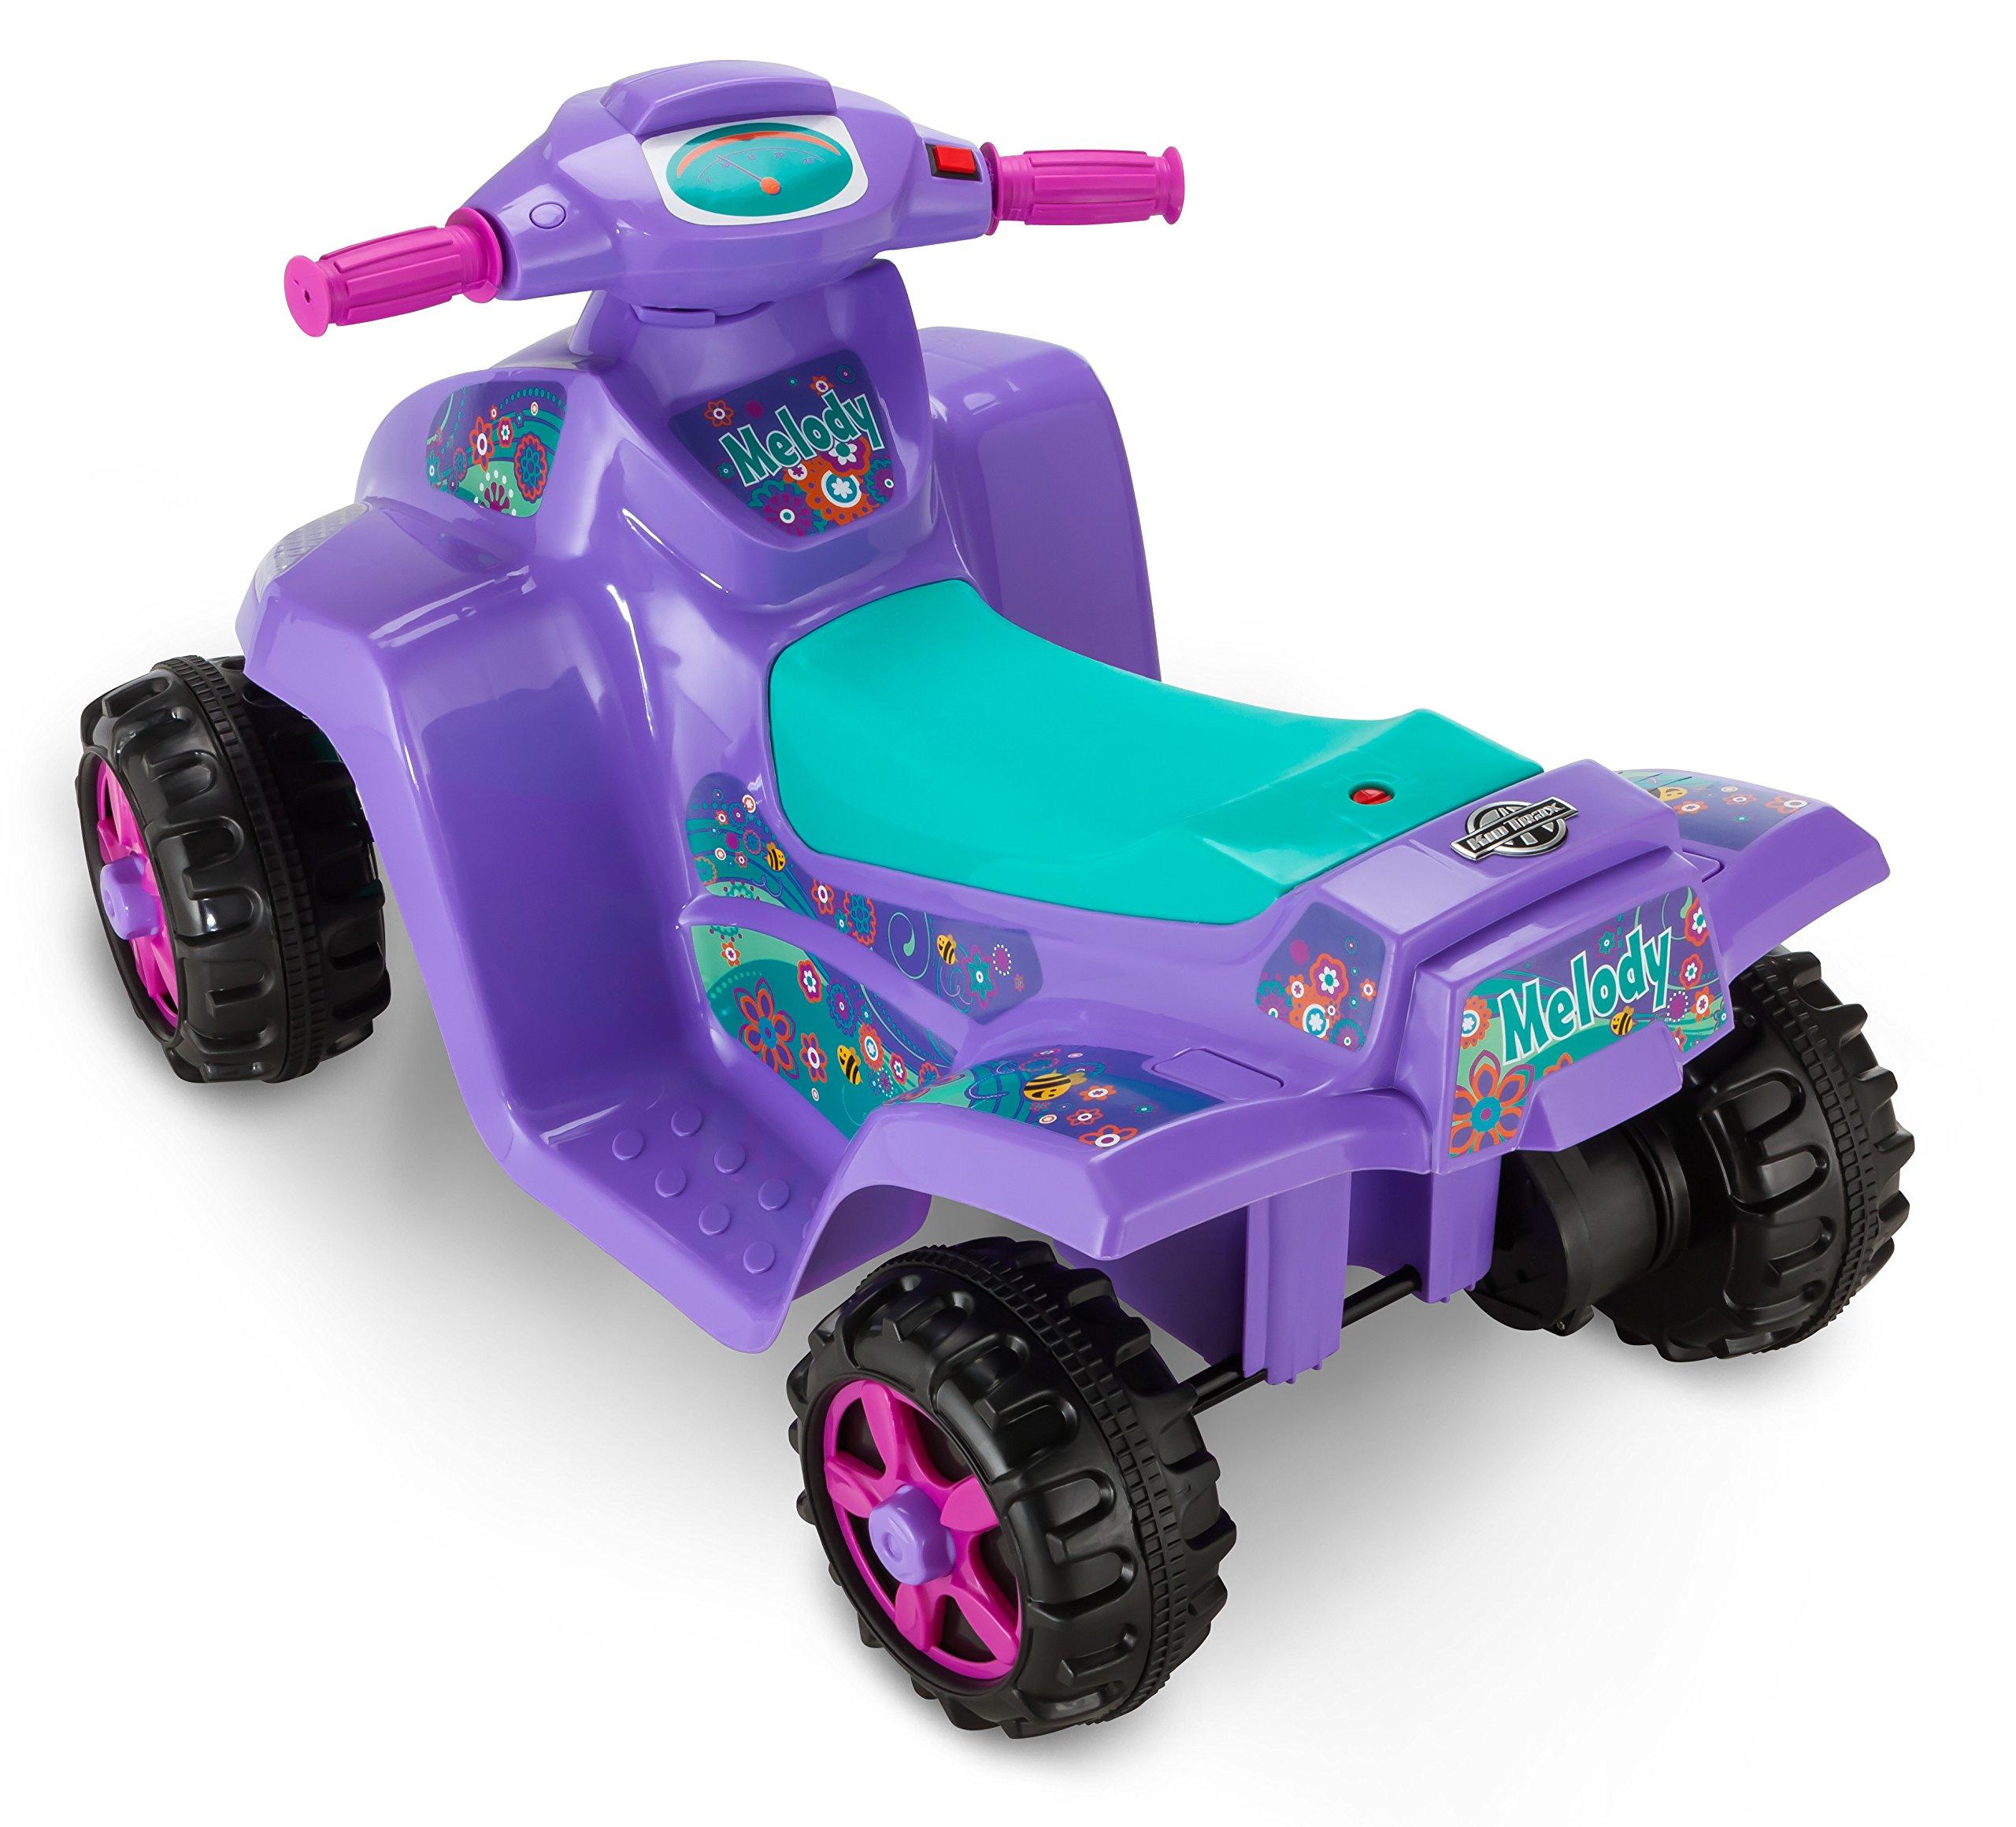 Kid Trax Moto Trax 6V Toddler Quad Ride On, Purple by Kid Trax (Image #2)